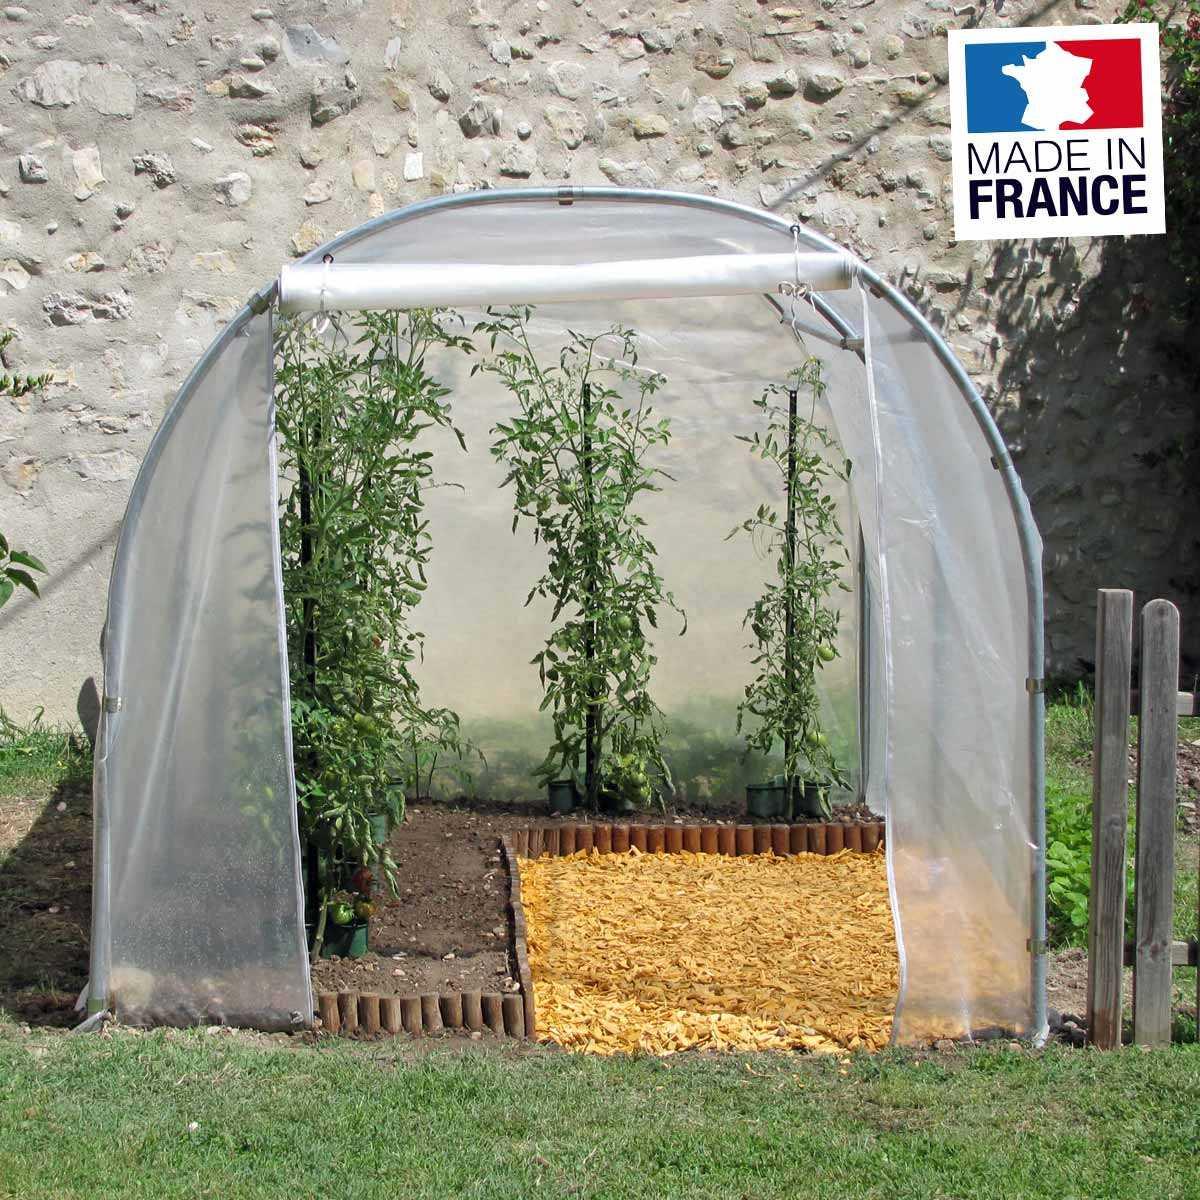 Serre Tunnel De Jardin 2M X 3M - 6M2 avec Fonctionnement D Une Serre De Jardin